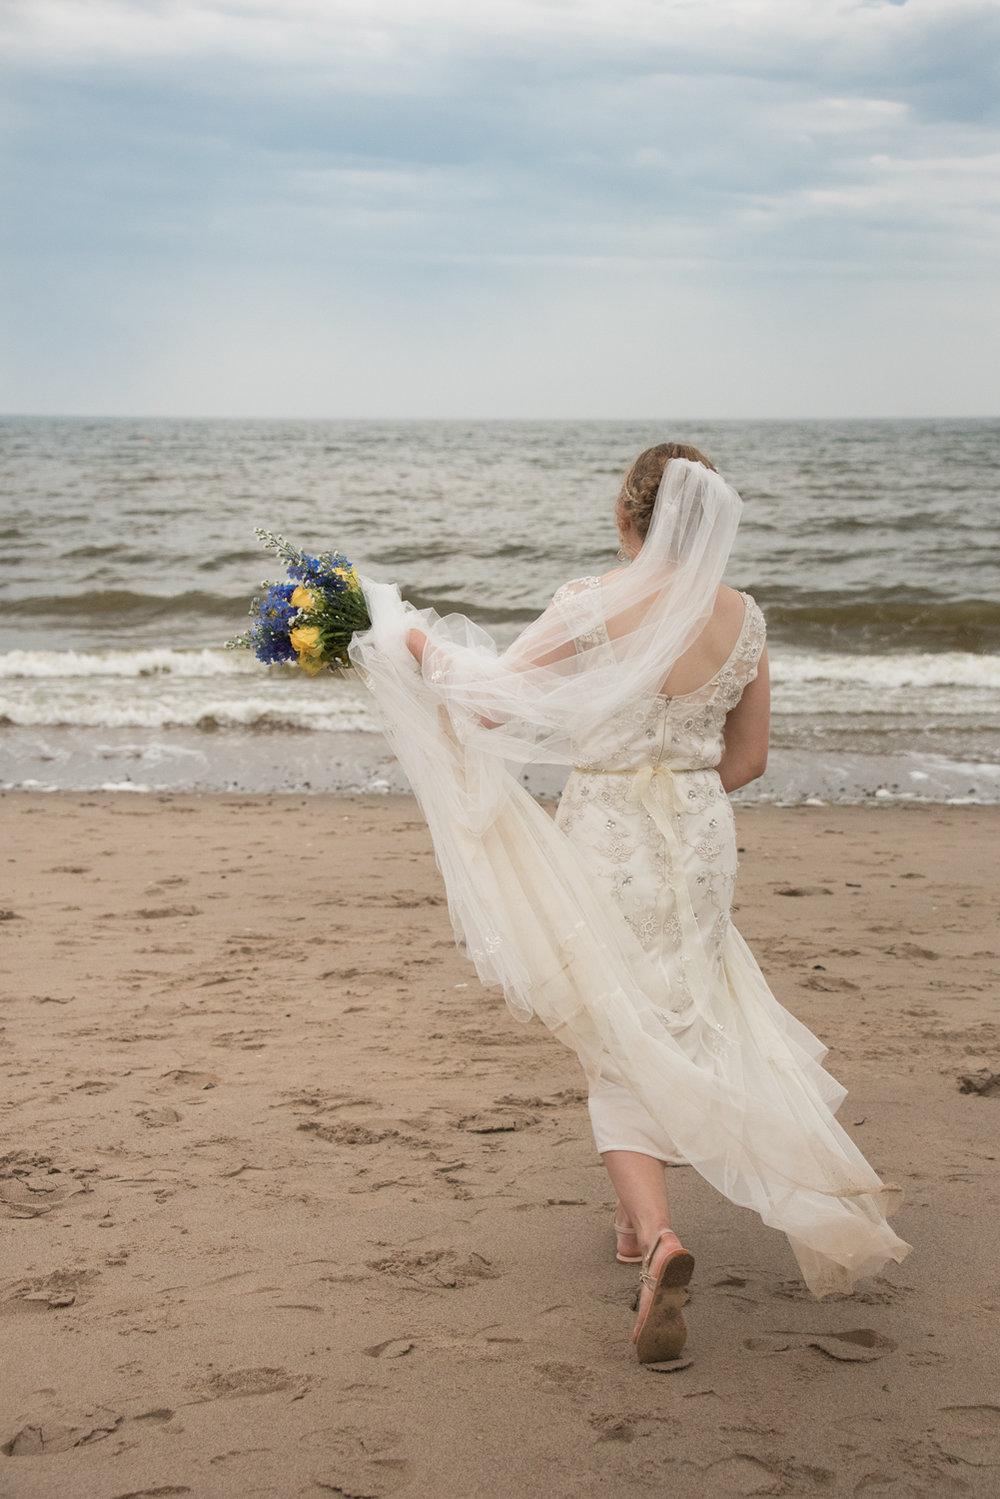 Wedding Photographer Edinburgh - Portobello Edinburgh